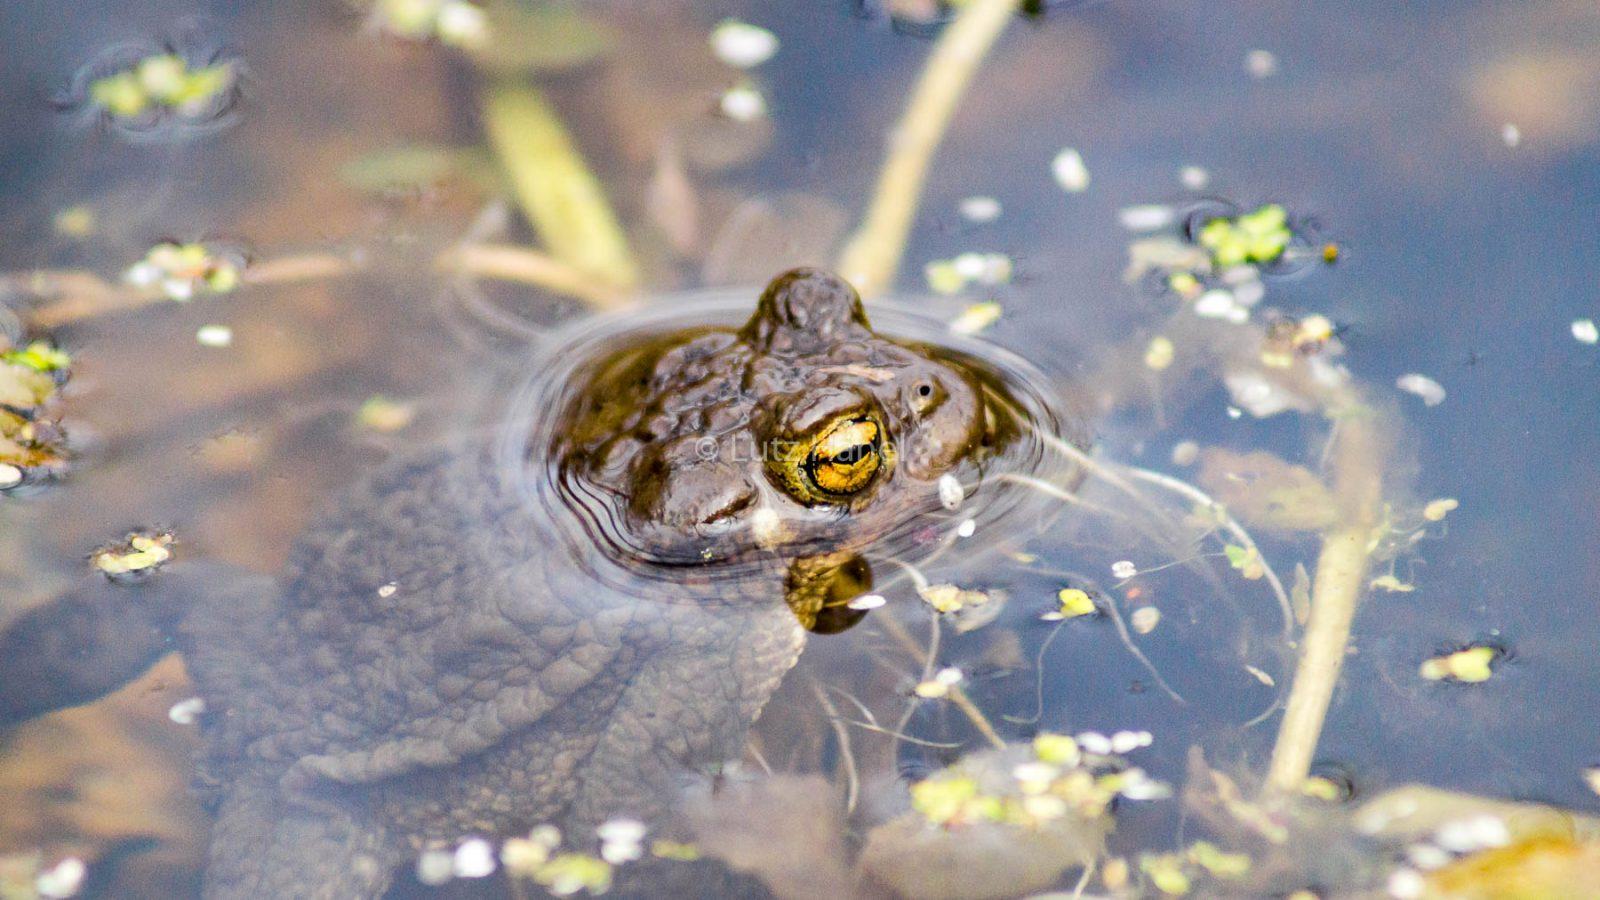 Erdkröte im Wasser im frühen Frühjahr